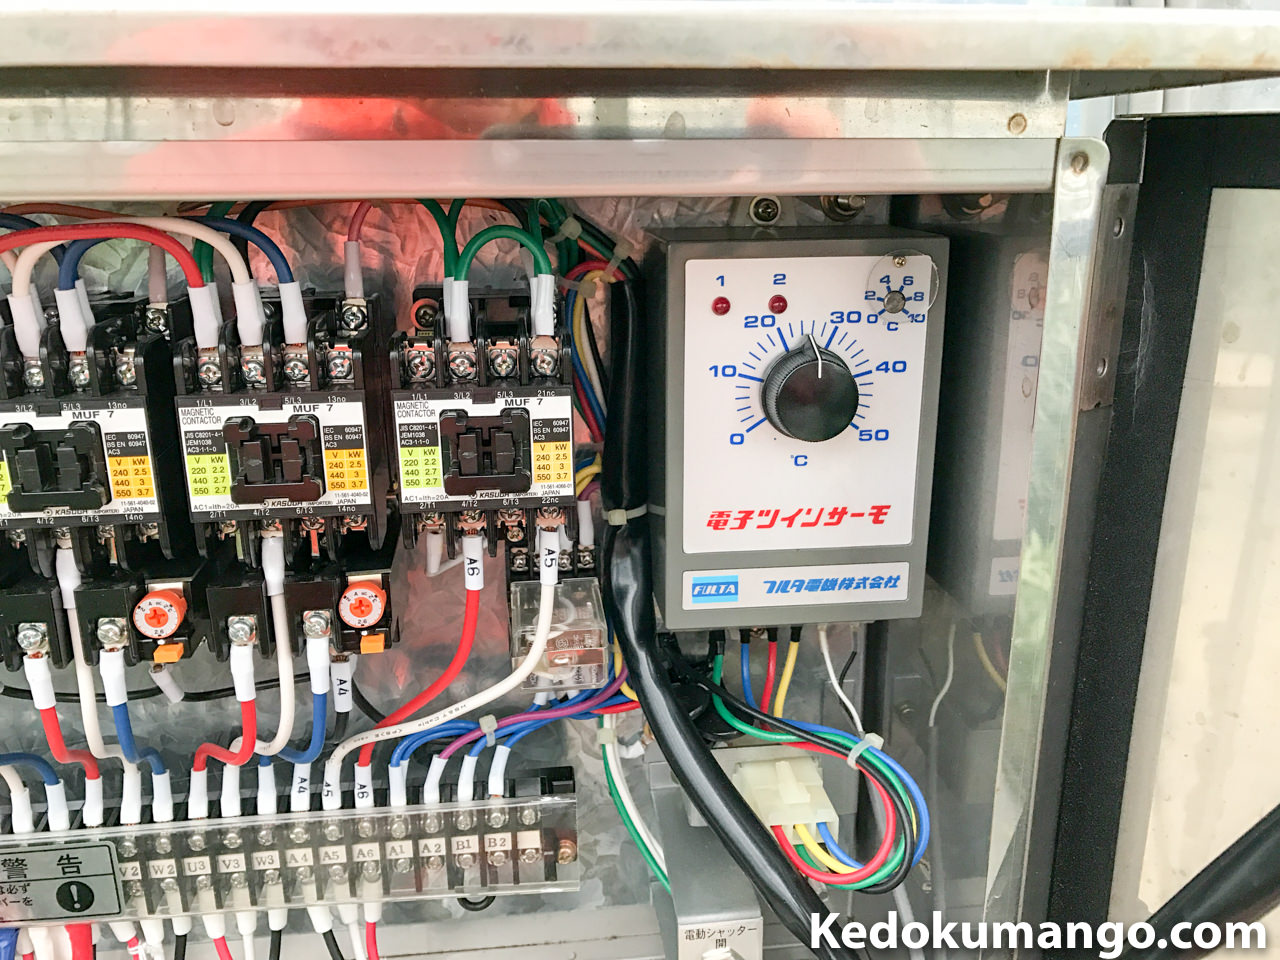 大型換気扇のコントロール盤